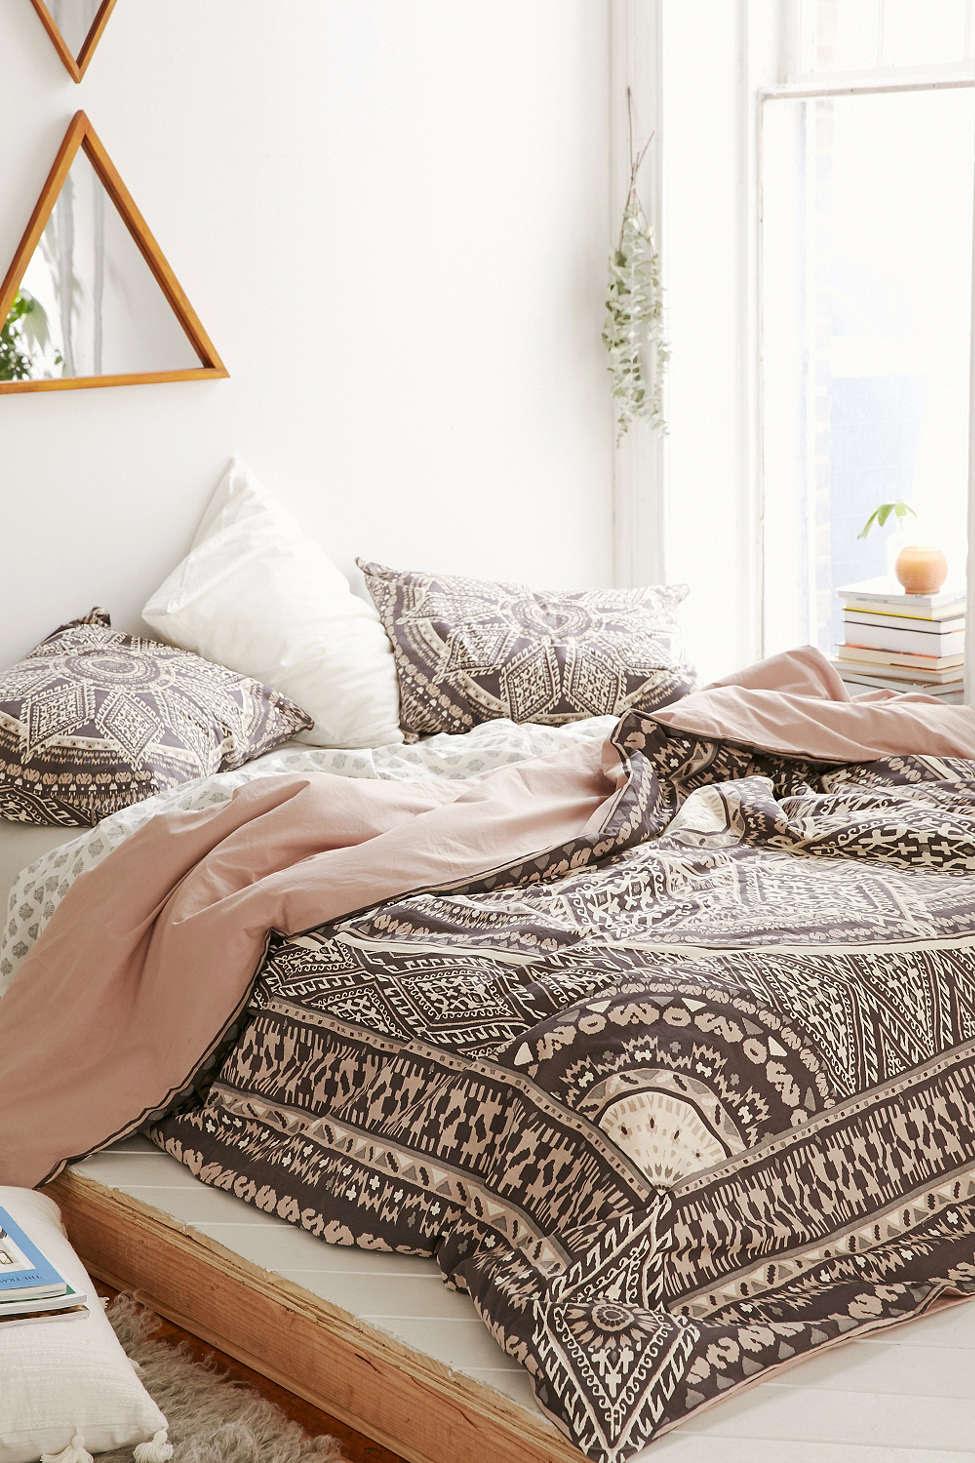 31 Bohemian  Bedroom  Decor  Boho  room ideas  Decoholic